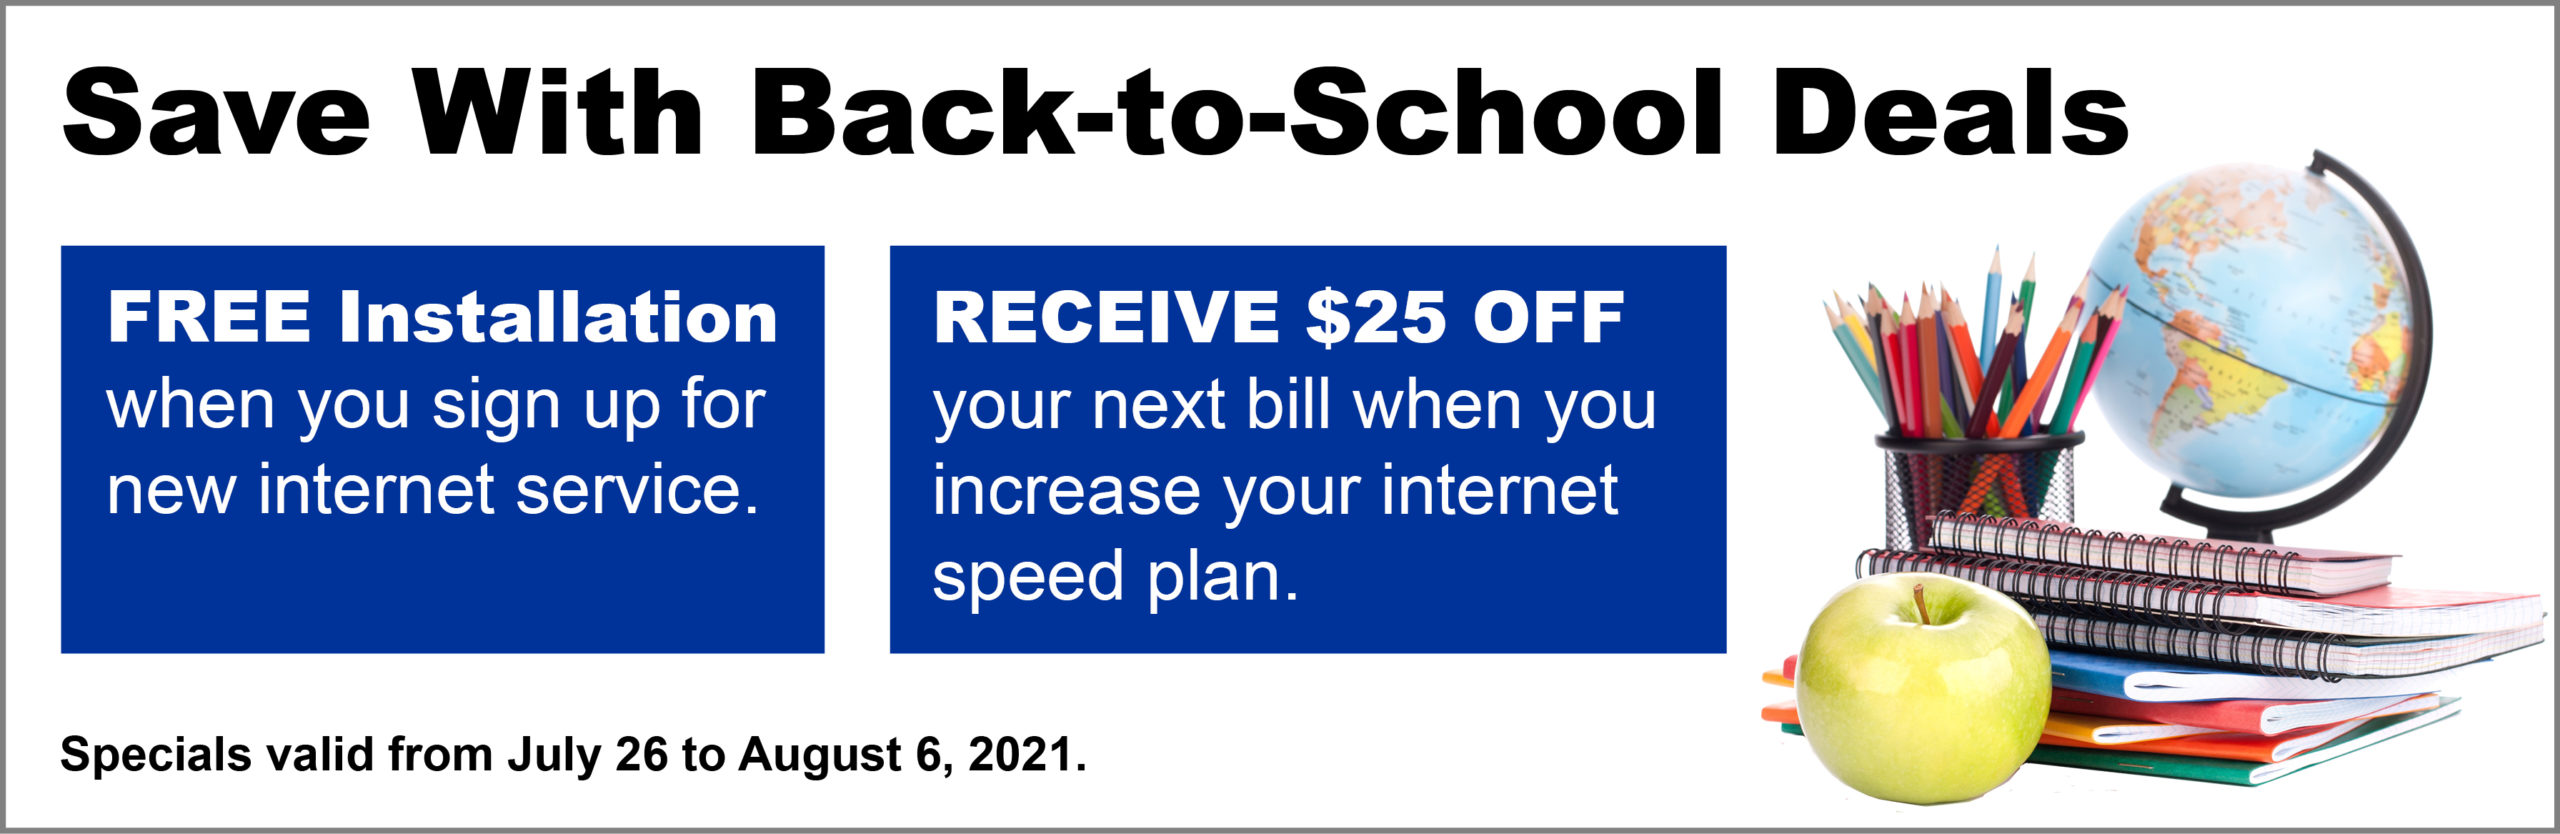 Back To School Deals